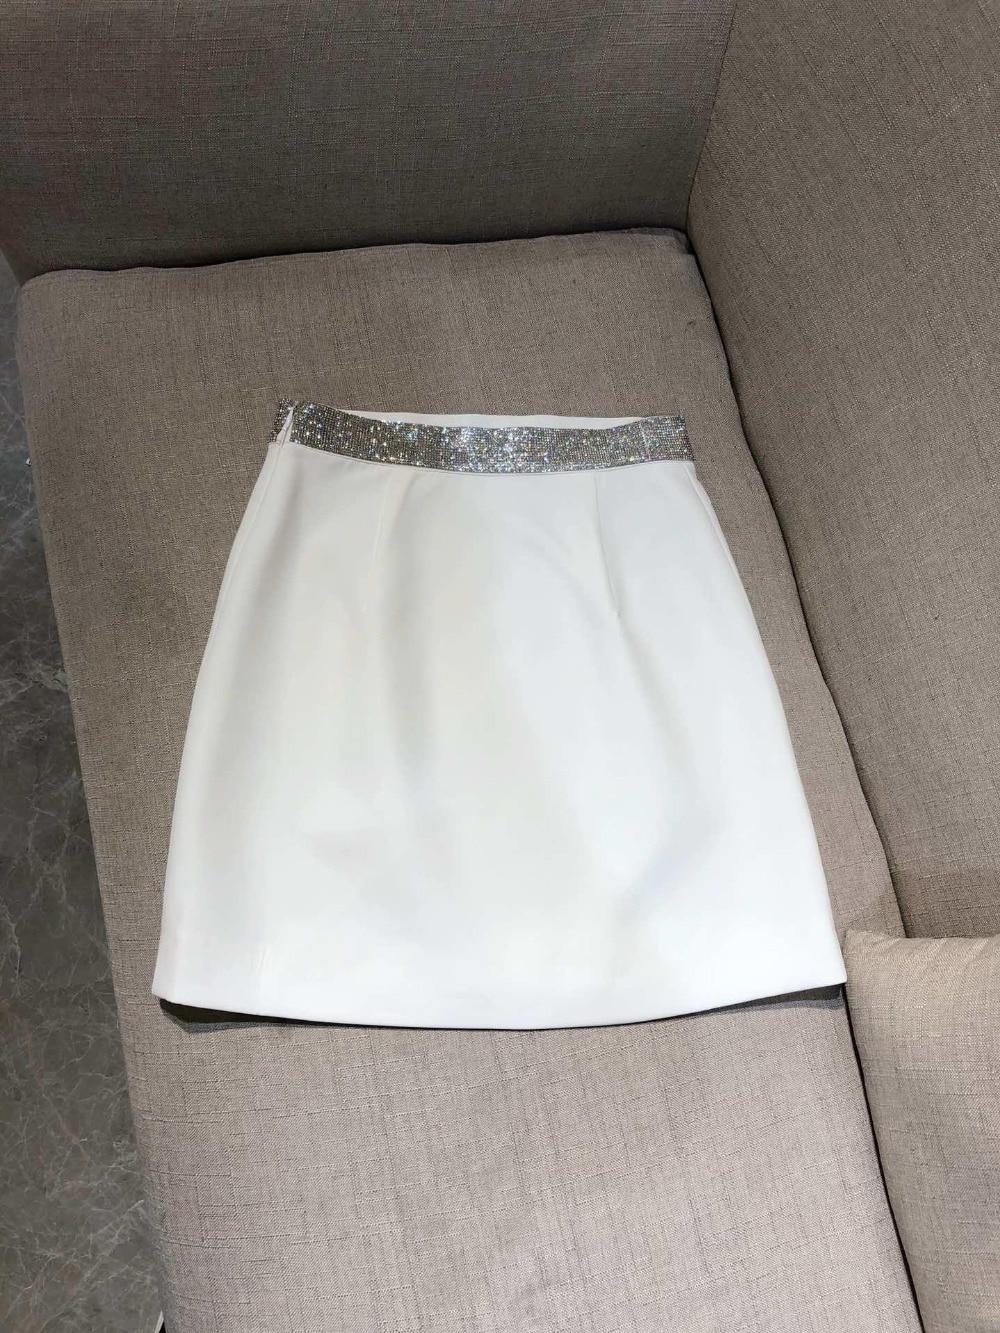 Jupe Dames Haute Printemps 0313 Taille Mode 2019 De Pour Chaude Femme Sexy a4xOTwq8